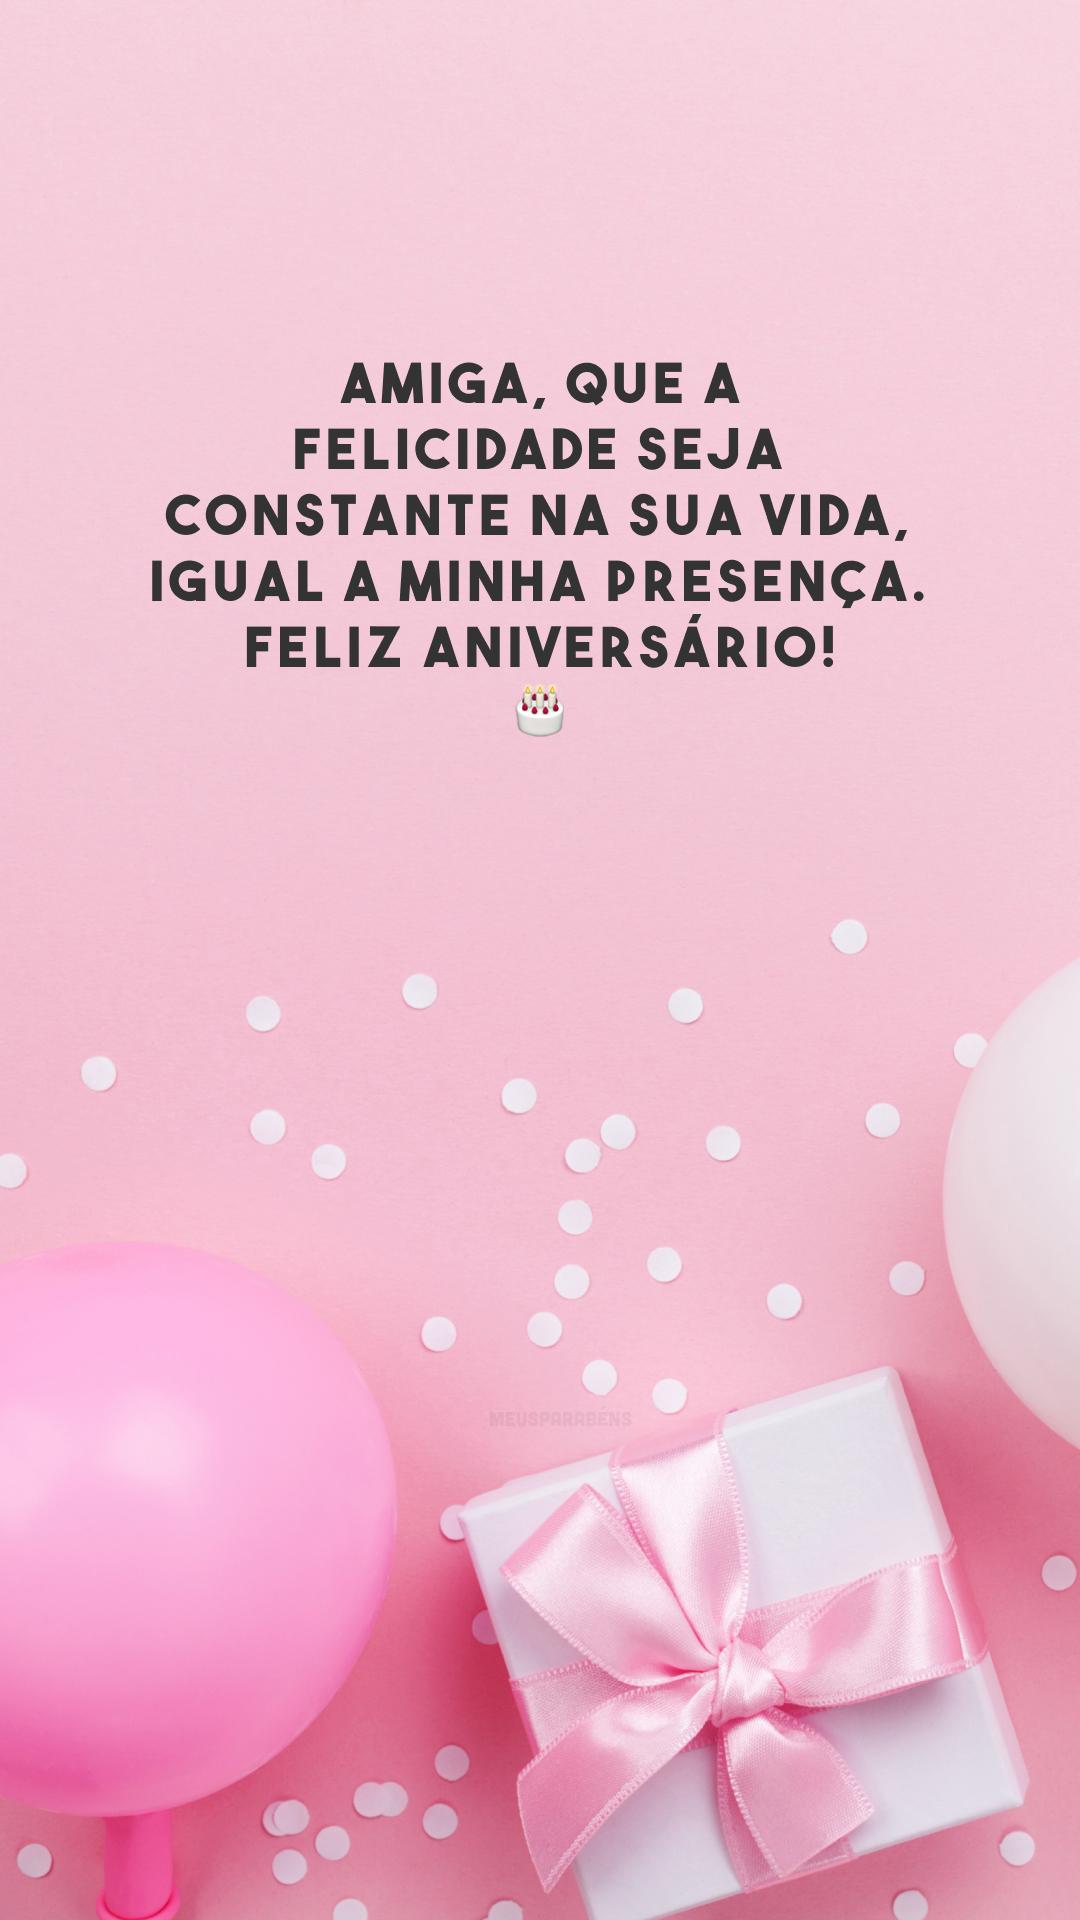 Amiga, que a felicidade seja constante na sua vida, igual a minha presença. Feliz aniversário! 🎂